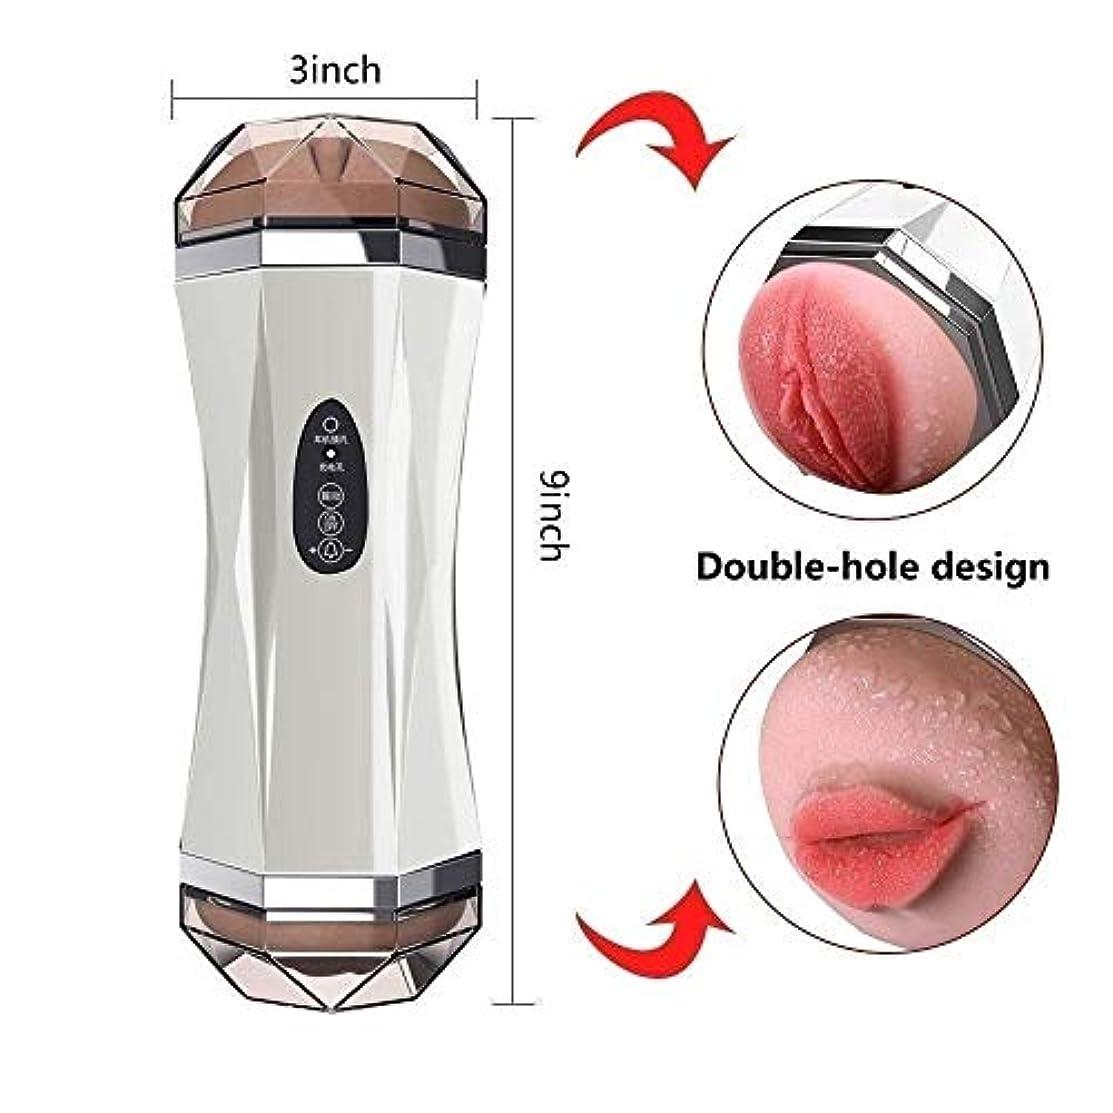 より多い三番シャッフルRisareyi 強力な振動モードを備えた男性用自動吸盤2 in 1インテリジェントヘッドフォンモードマスタベーションデバイスUSB充電スポーツ用品